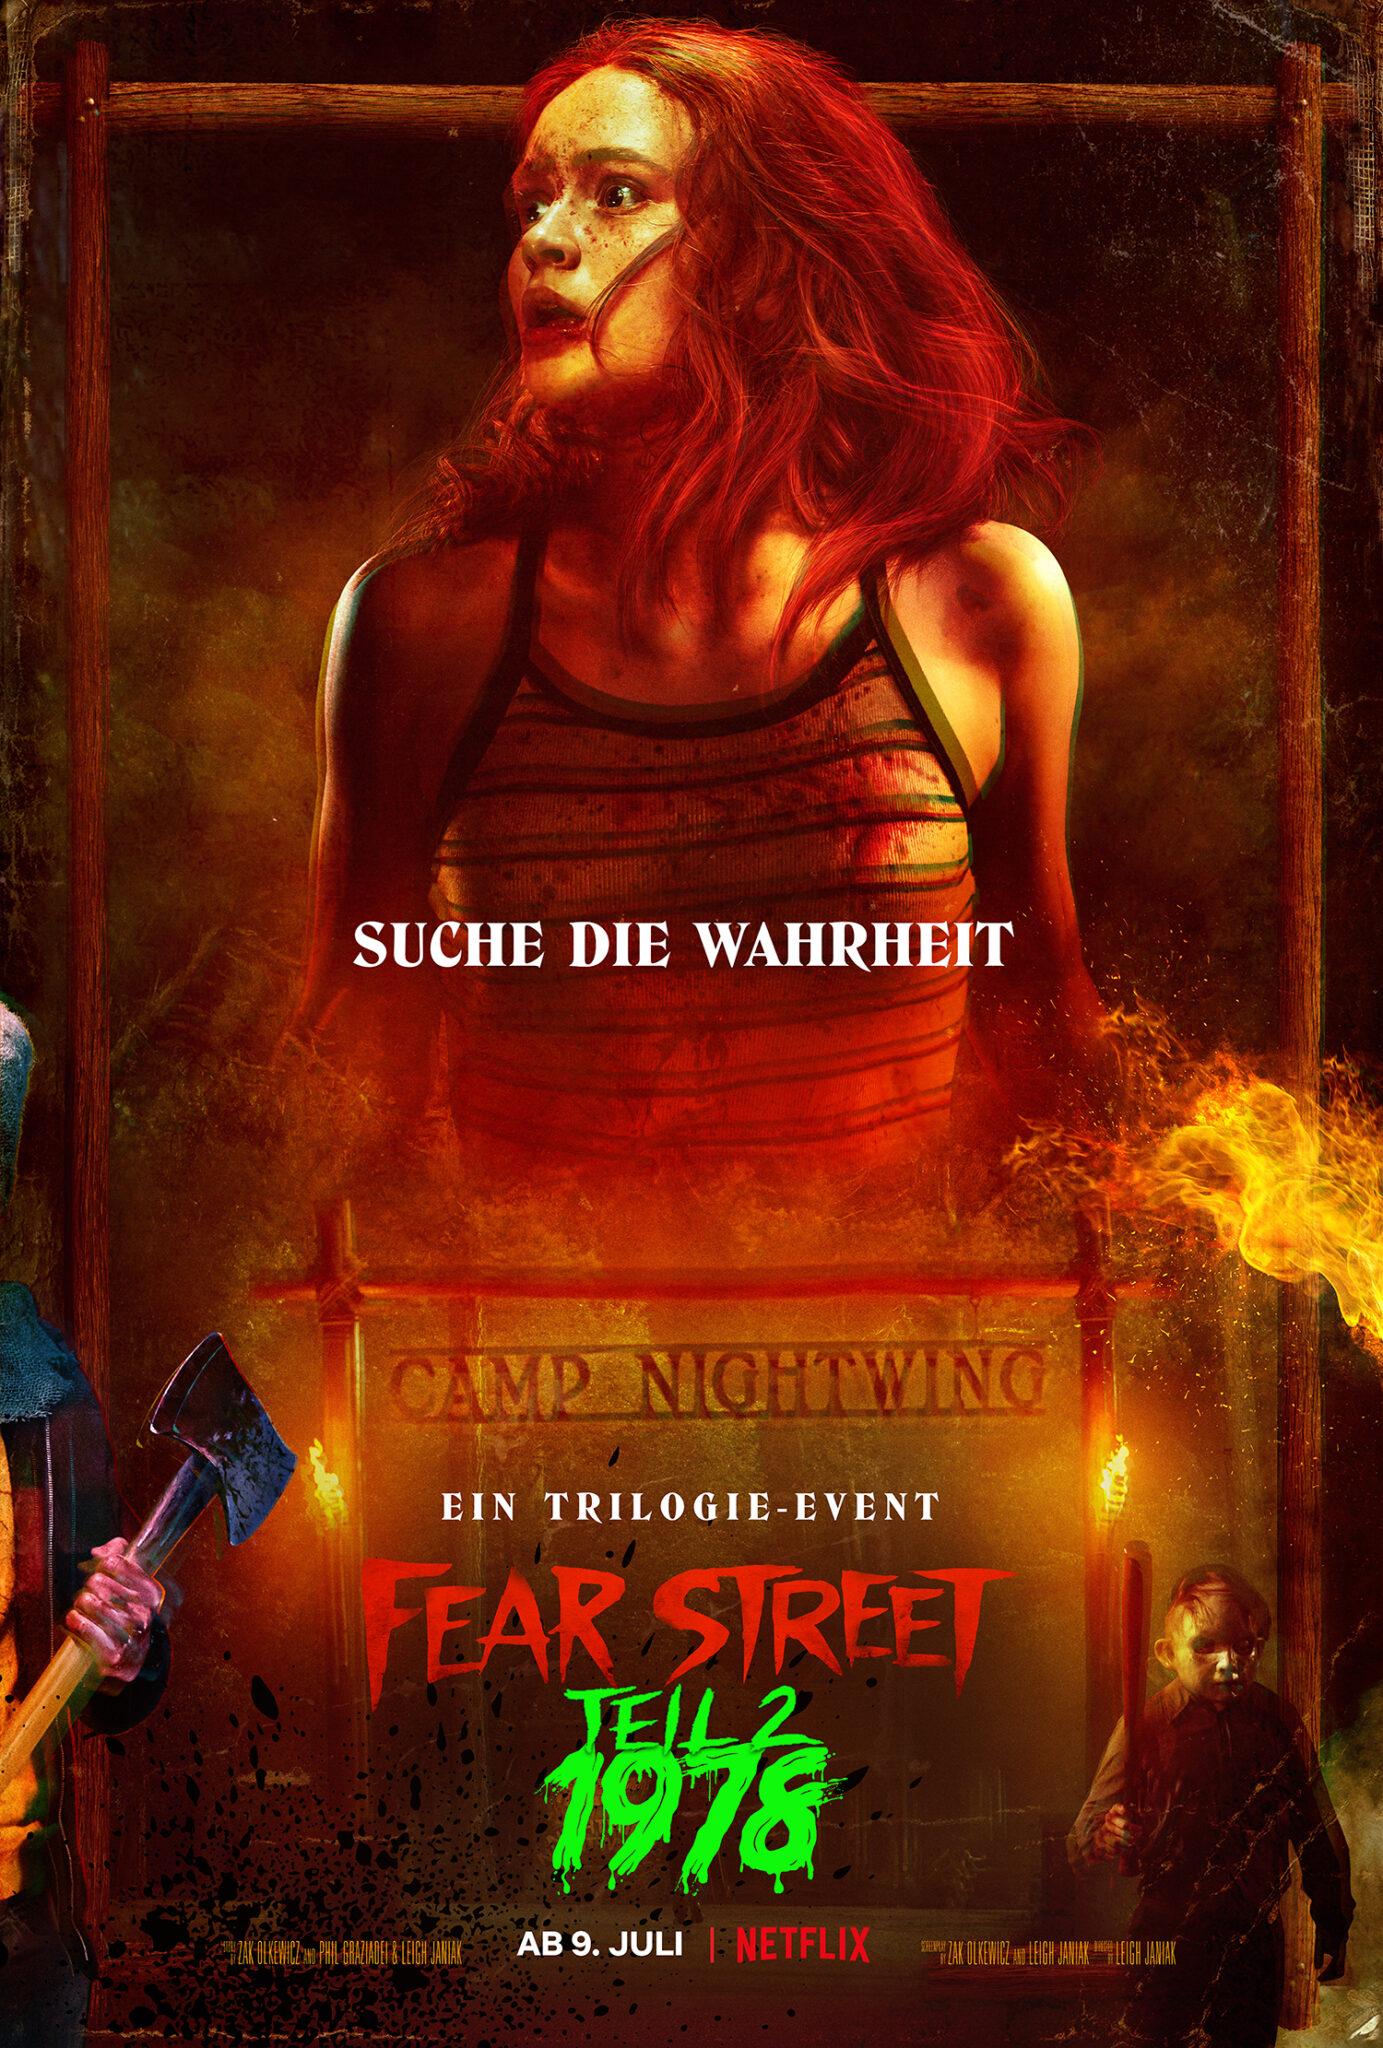 """Das Plakat zu Teil 2 zeigt die Protagonistin Ziggy Berman in groß mit blutverschmiertem, erschrockenem Gesicht. Unten sieht man den Titel """"Fear Street - Teil 2: 1987"""" in auffälliger, bunter Schrift."""